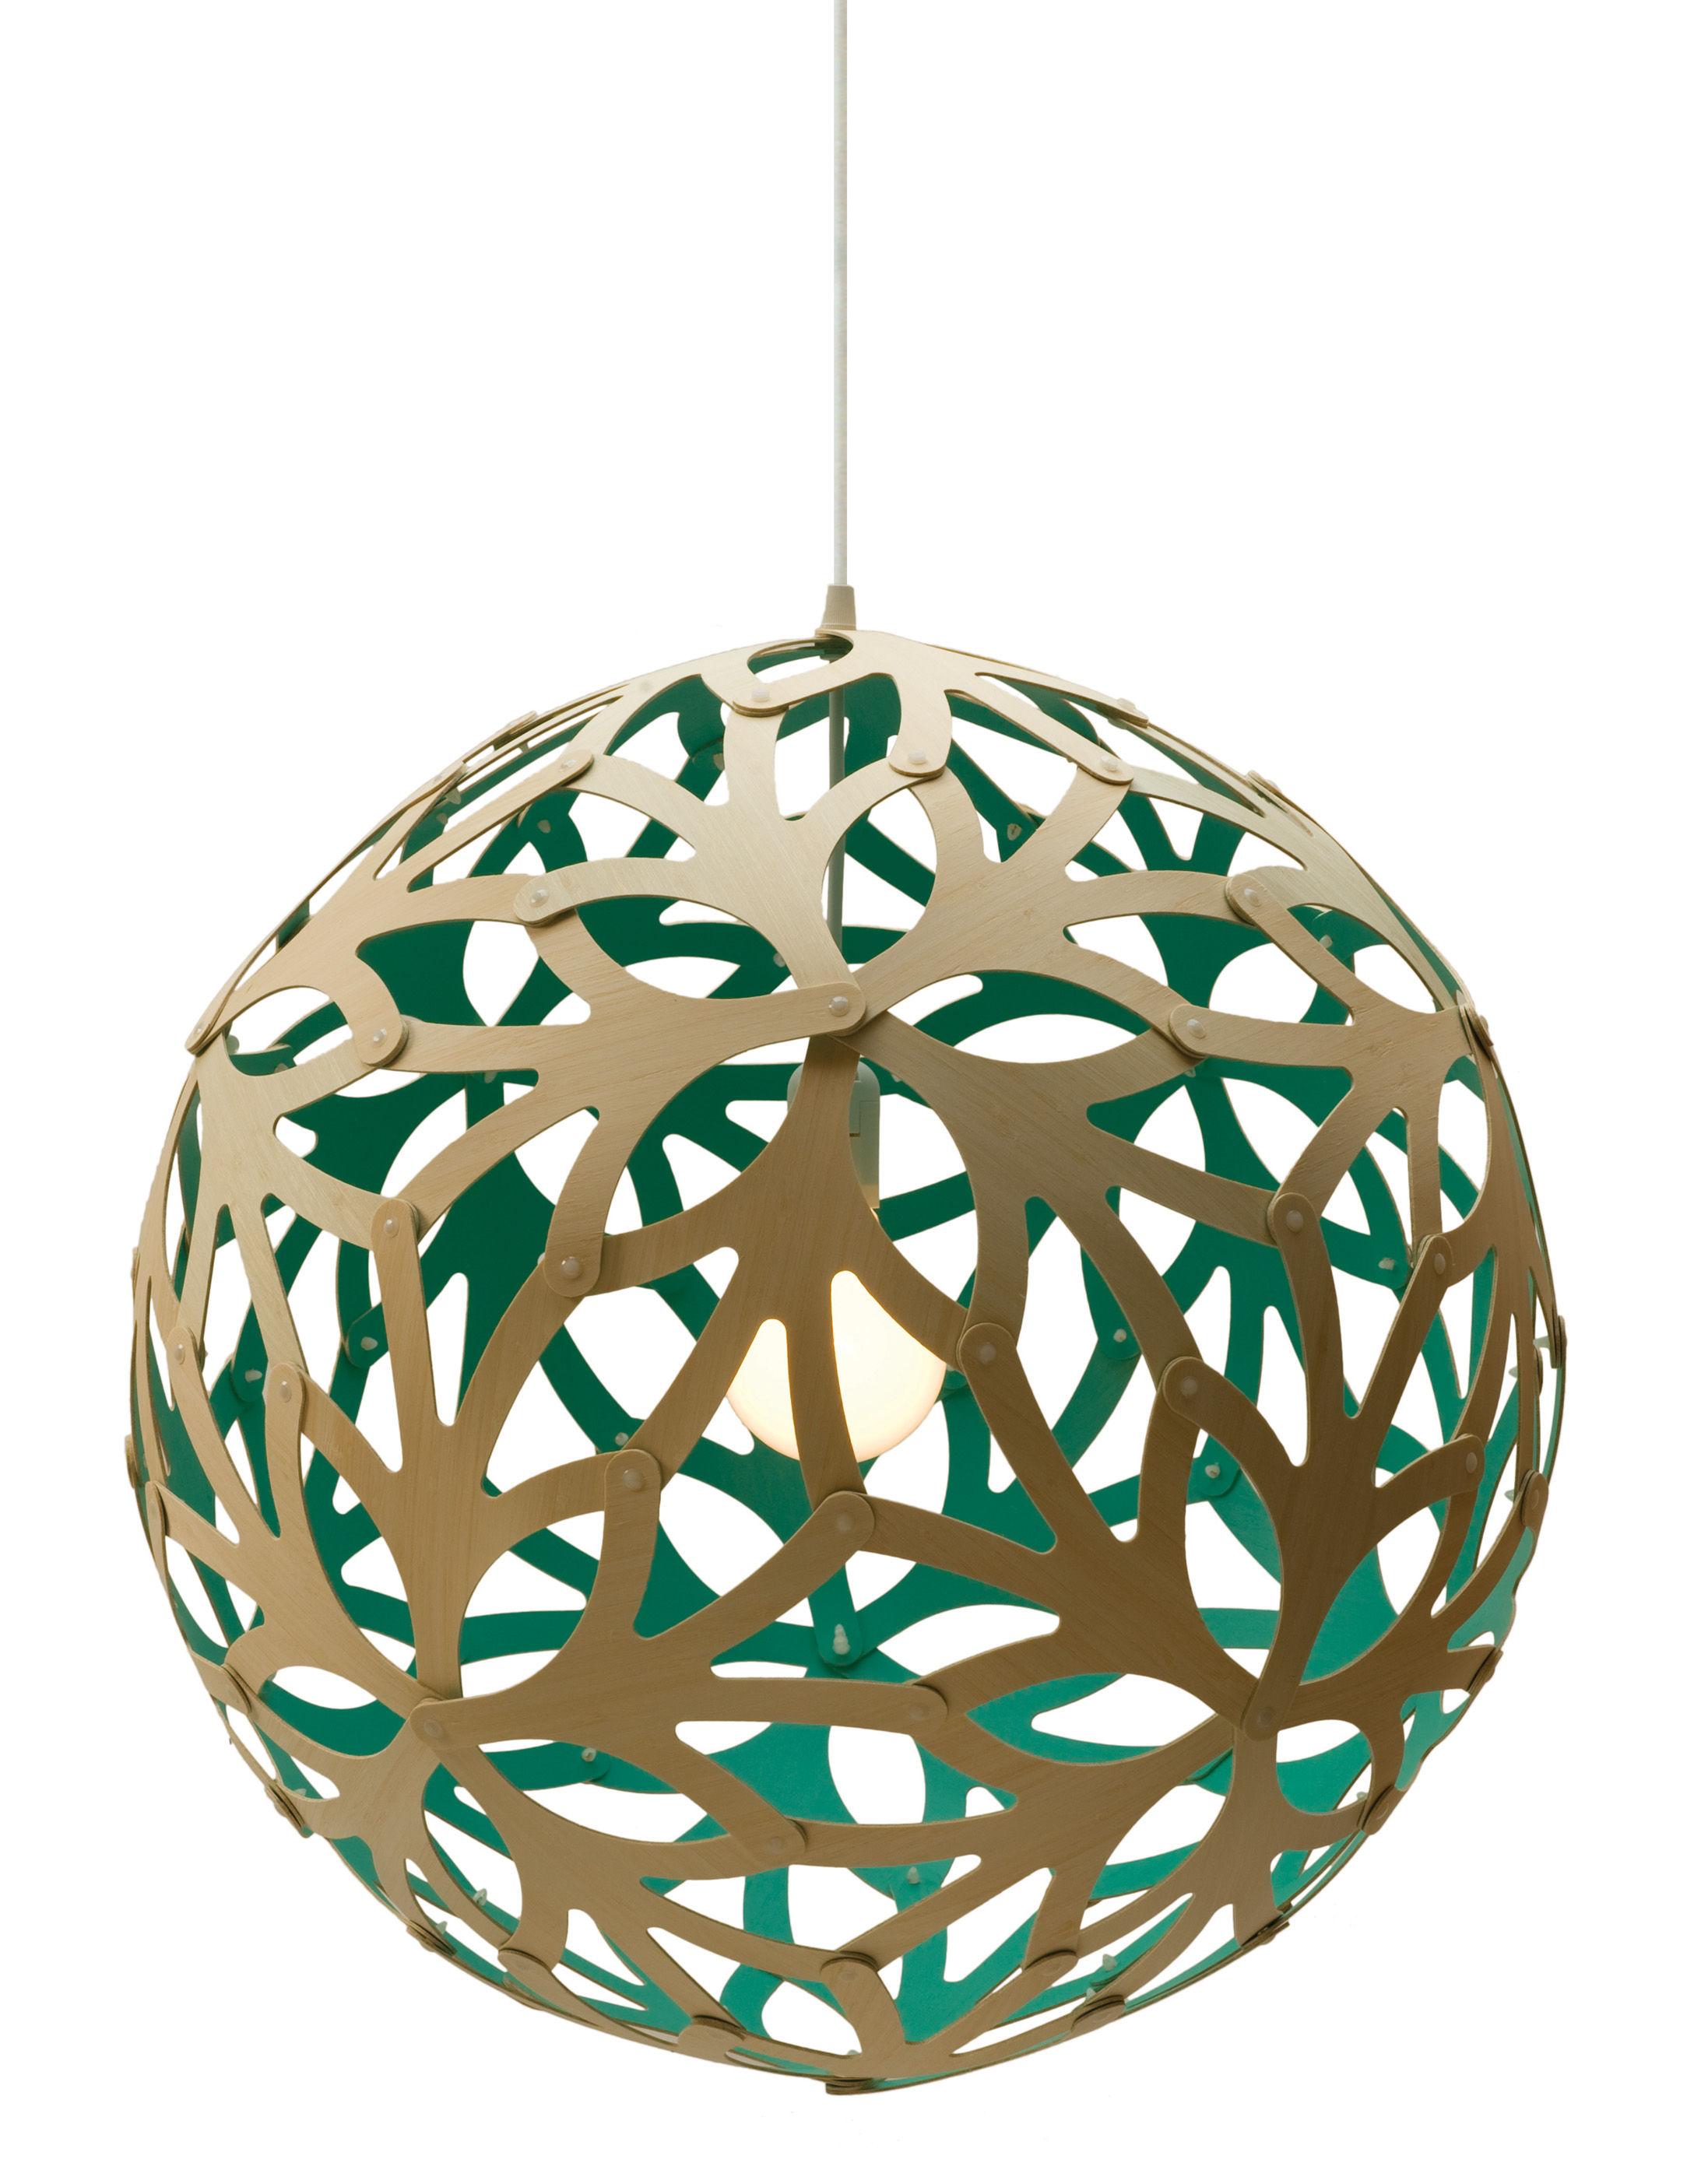 Leuchten - Pendelleuchten - Floral Pendelleuchte Ø 40 cm - zweifarbig - exklusiv - David Trubridge - Wassergrün / Naturholz - Bambus